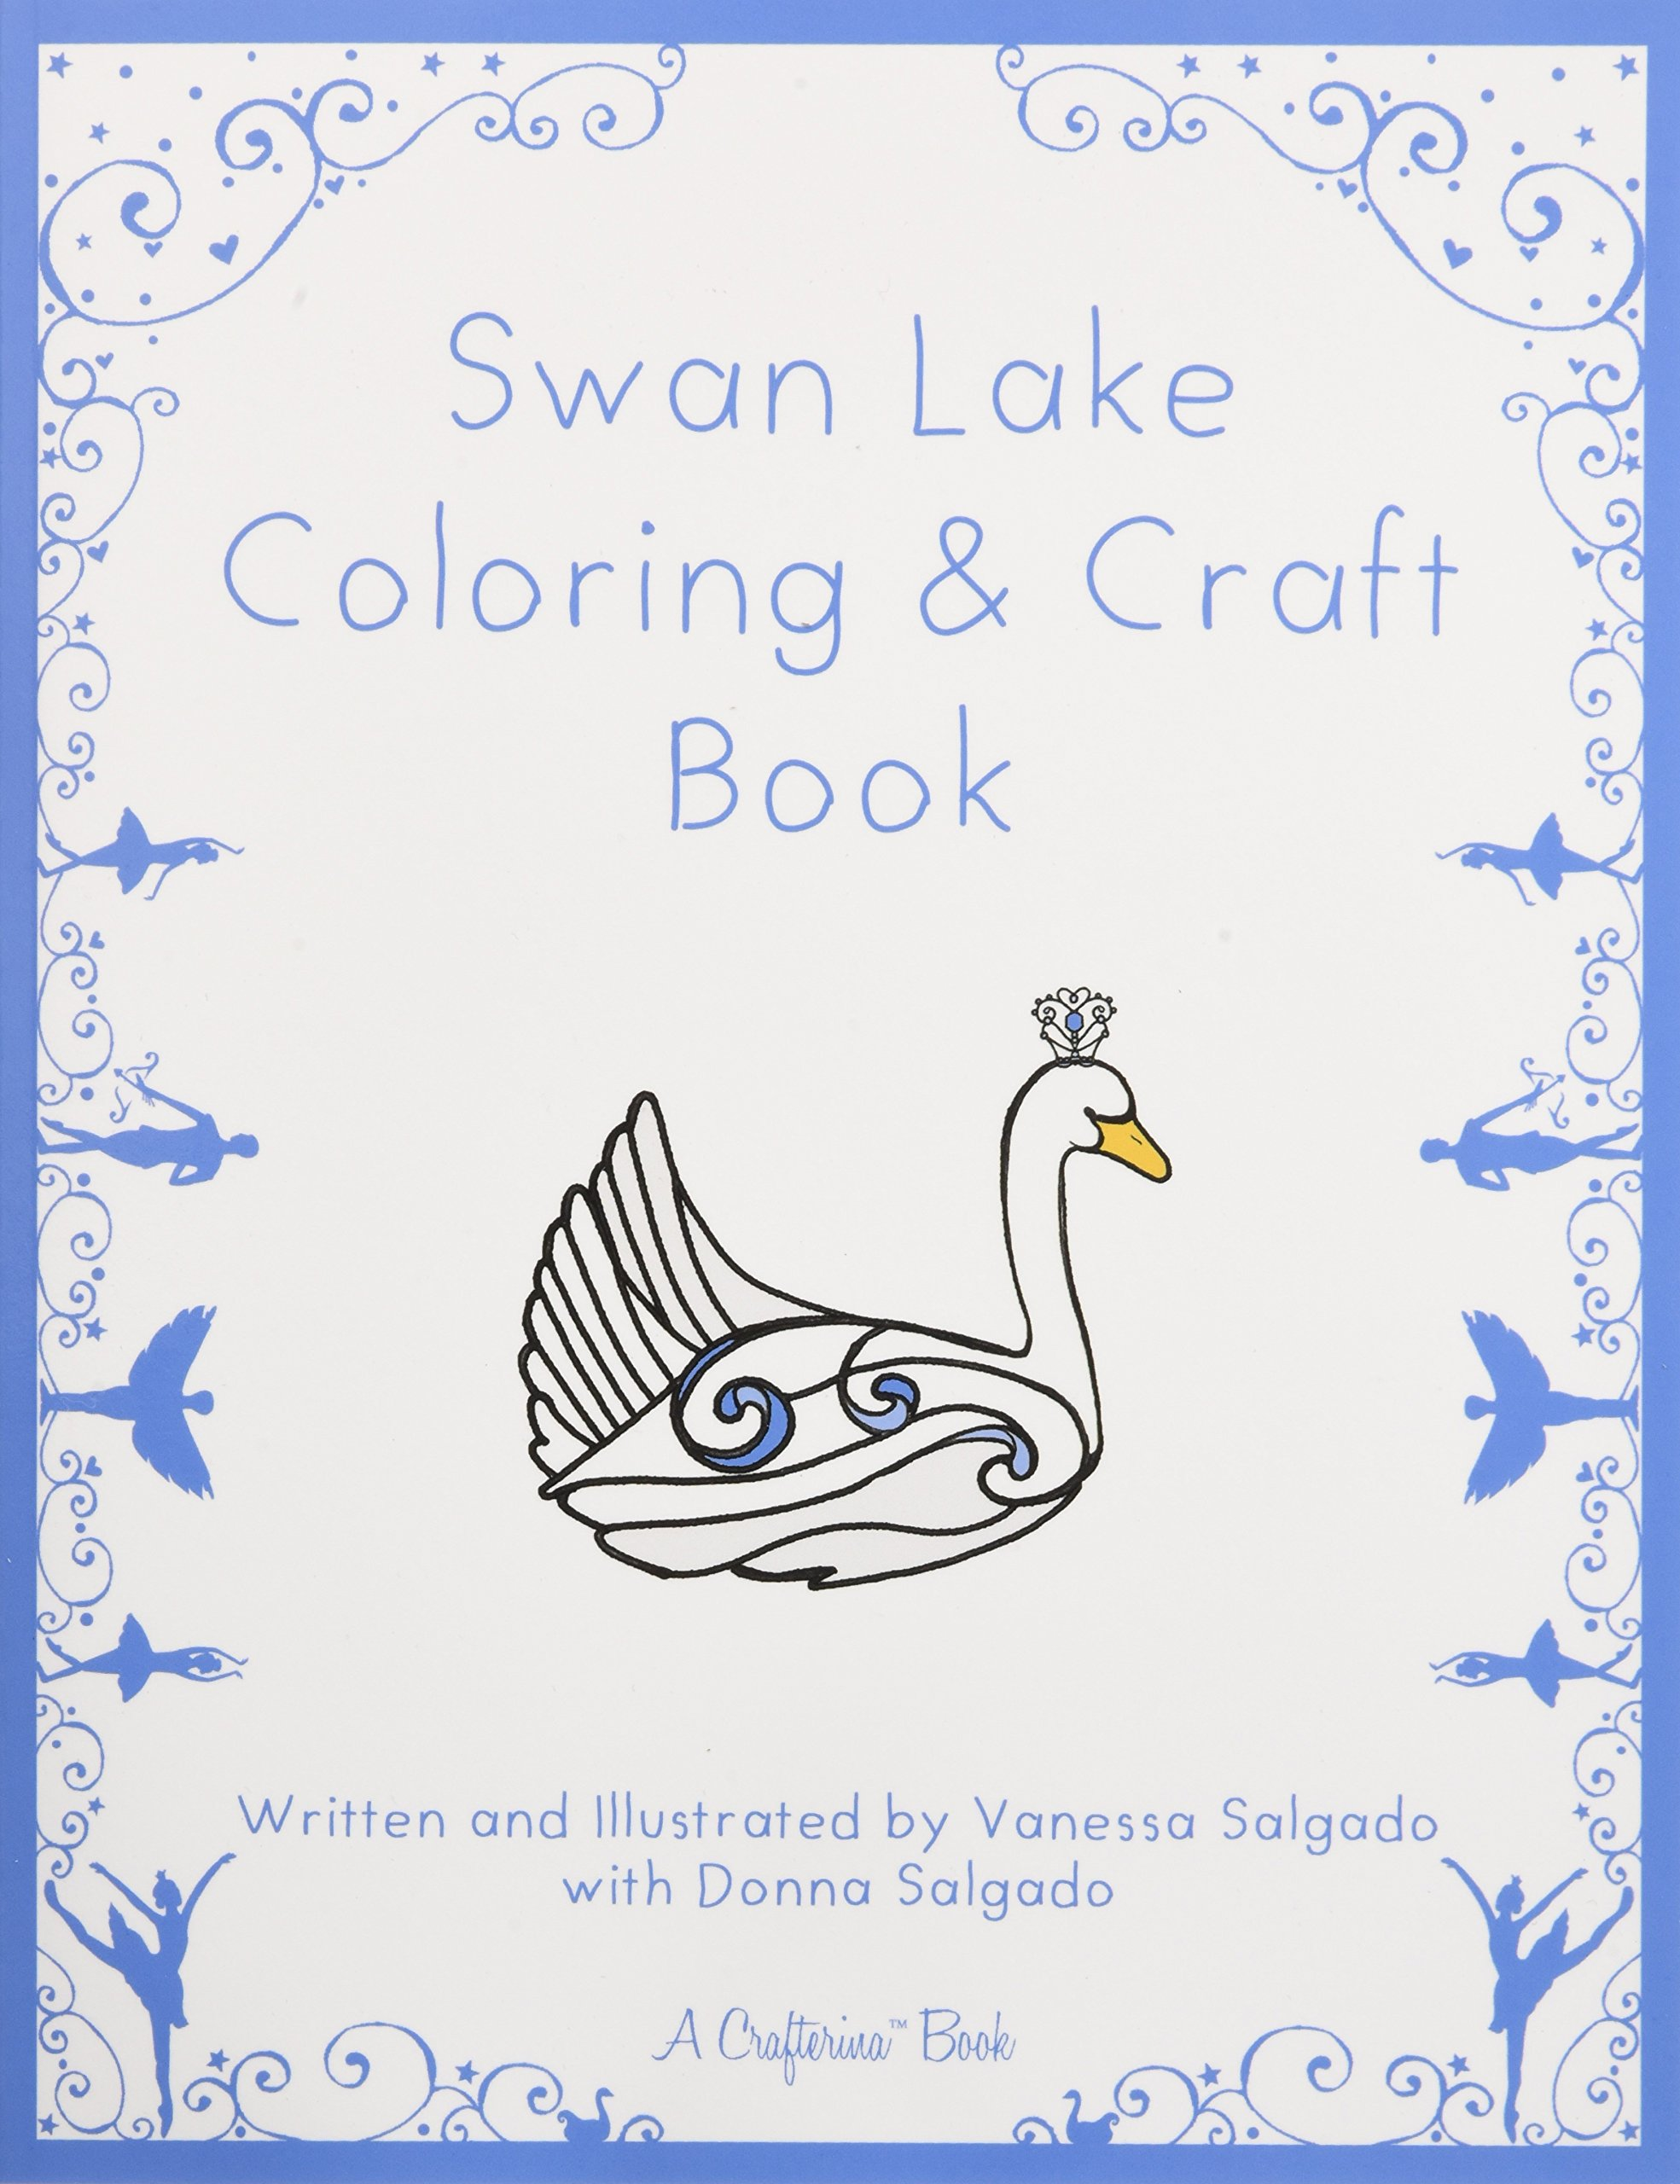 Swan Lake Coloring & Craft Book